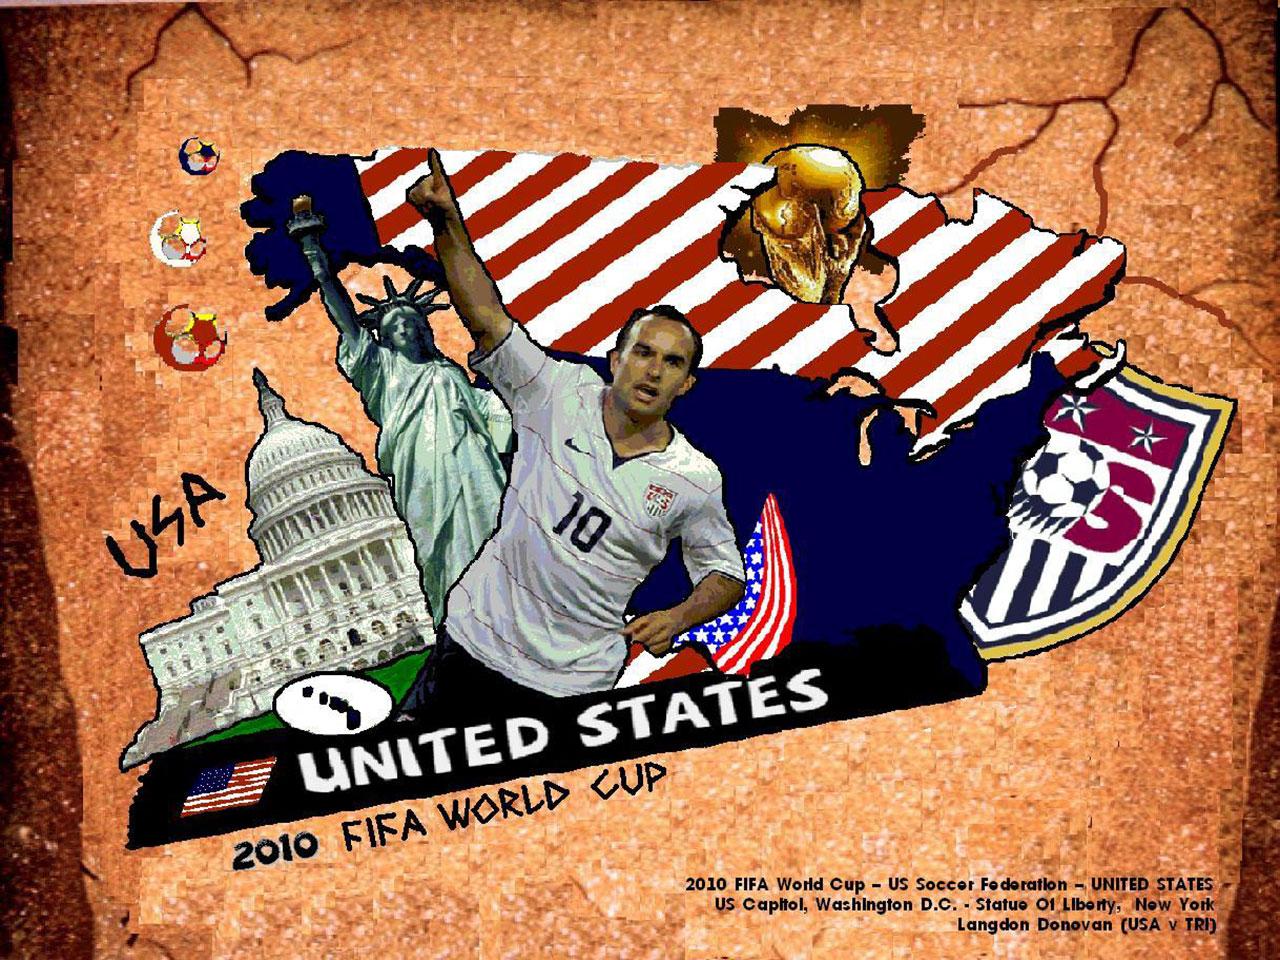 http://2.bp.blogspot.com/_IZJxwqCThD8/TCN2QnduQHI/AAAAAAAAAJ8/7uW8clPmg_0/s1600/USA-FIFA-World-Cup-2010-Fan-Wallpaper%255B1%255D.jpg